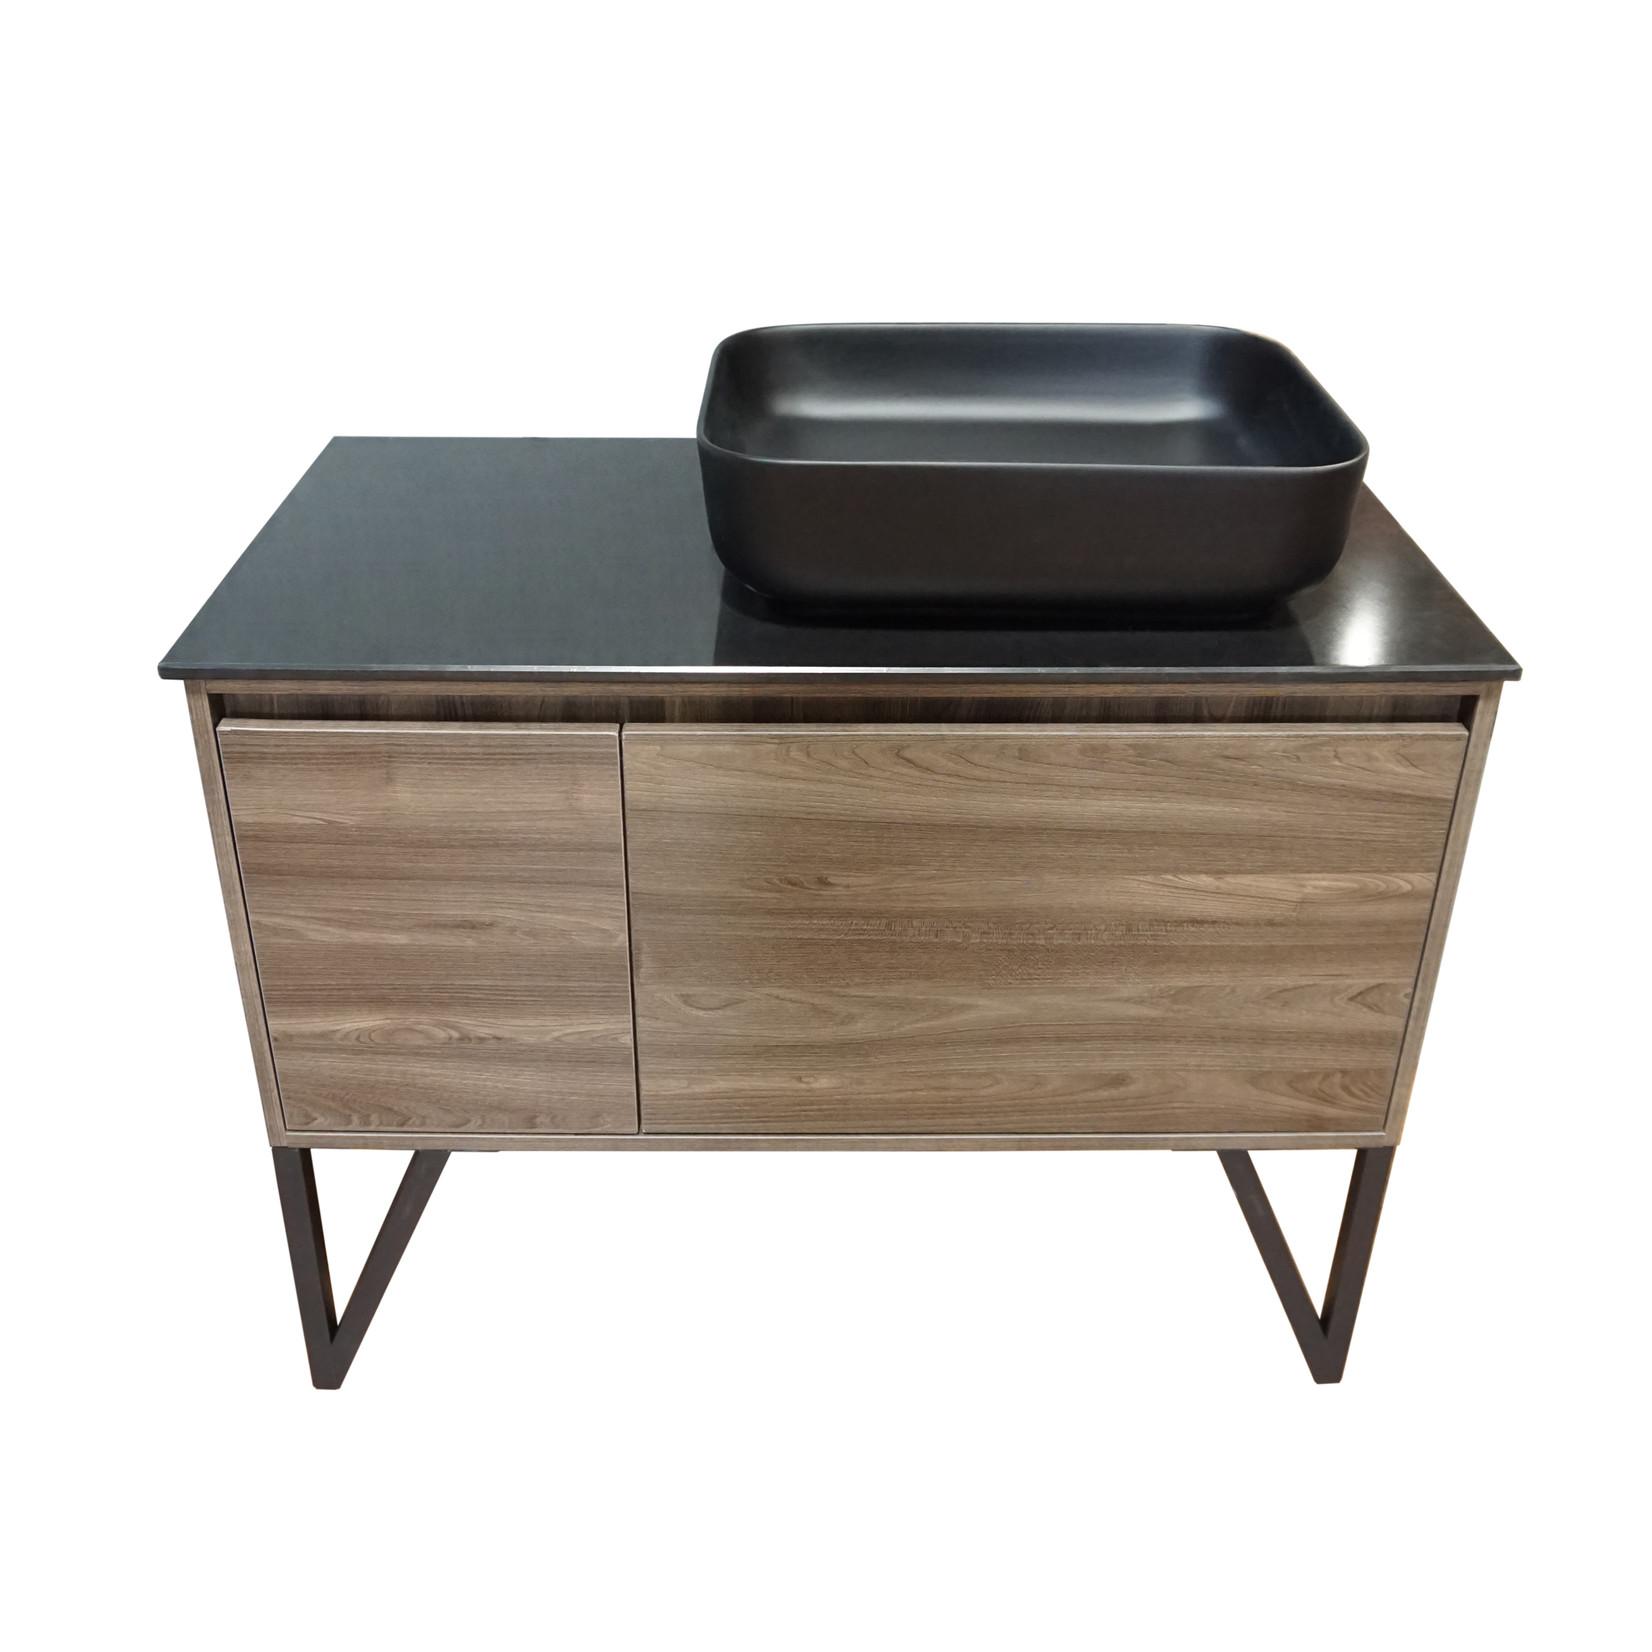 40 '' wood effect black sink vanity CDC 90139